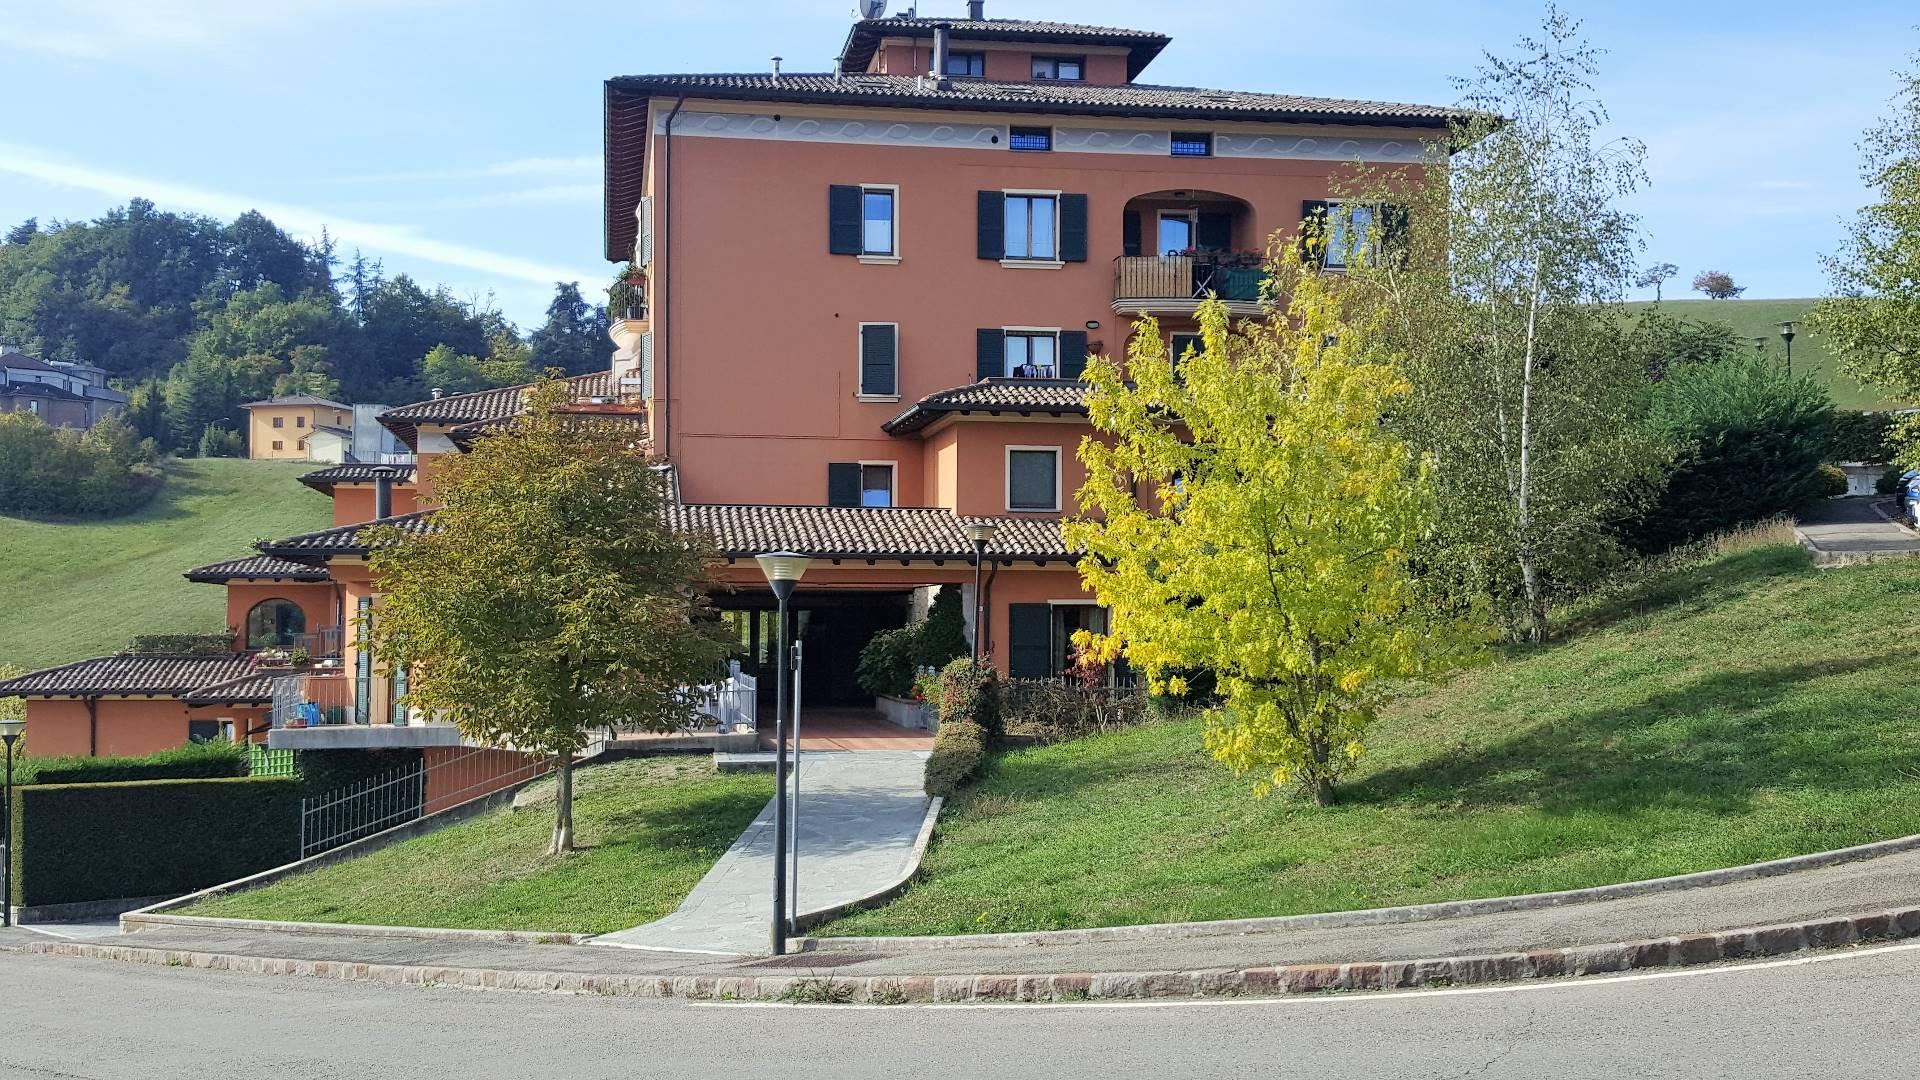 Appartamento con Giardino/Terrazzo in Vendita a Pavullo nel Frignano ...